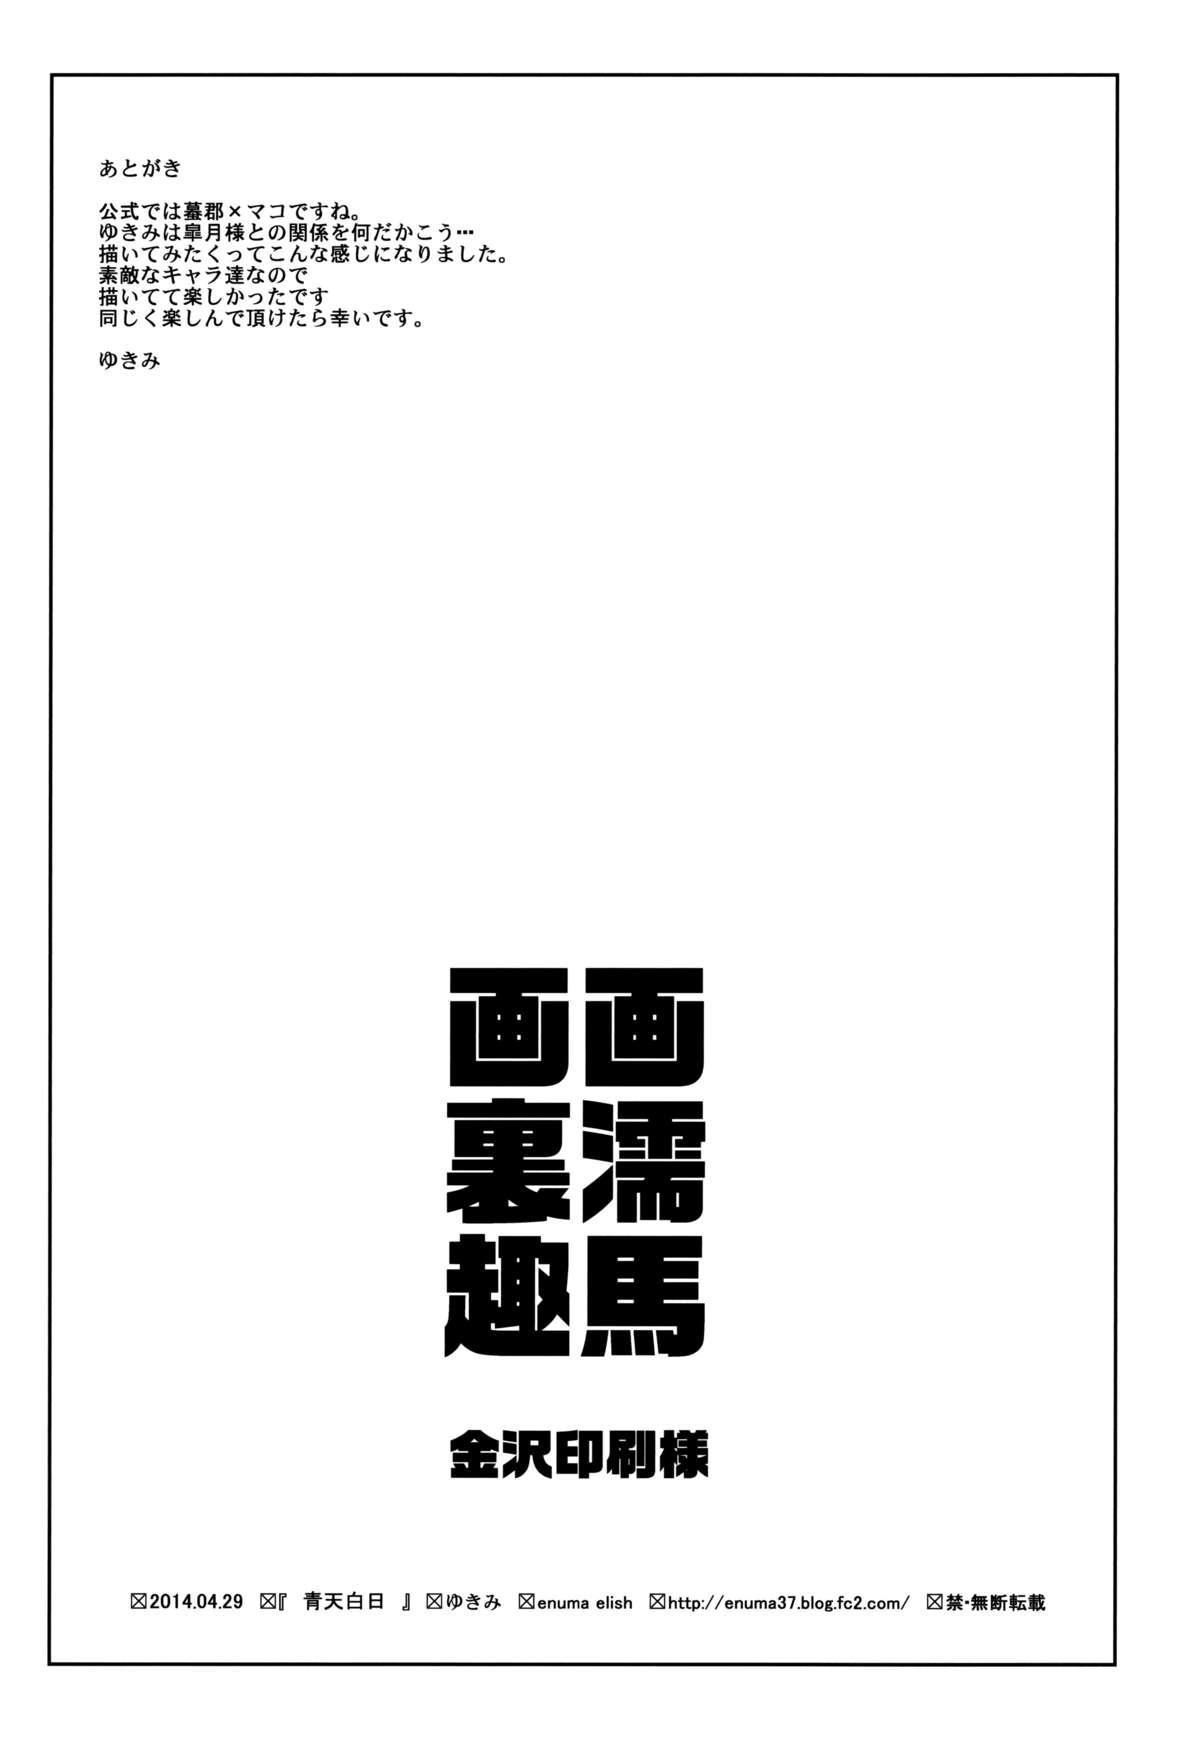 Seiten Hakujitsu 32